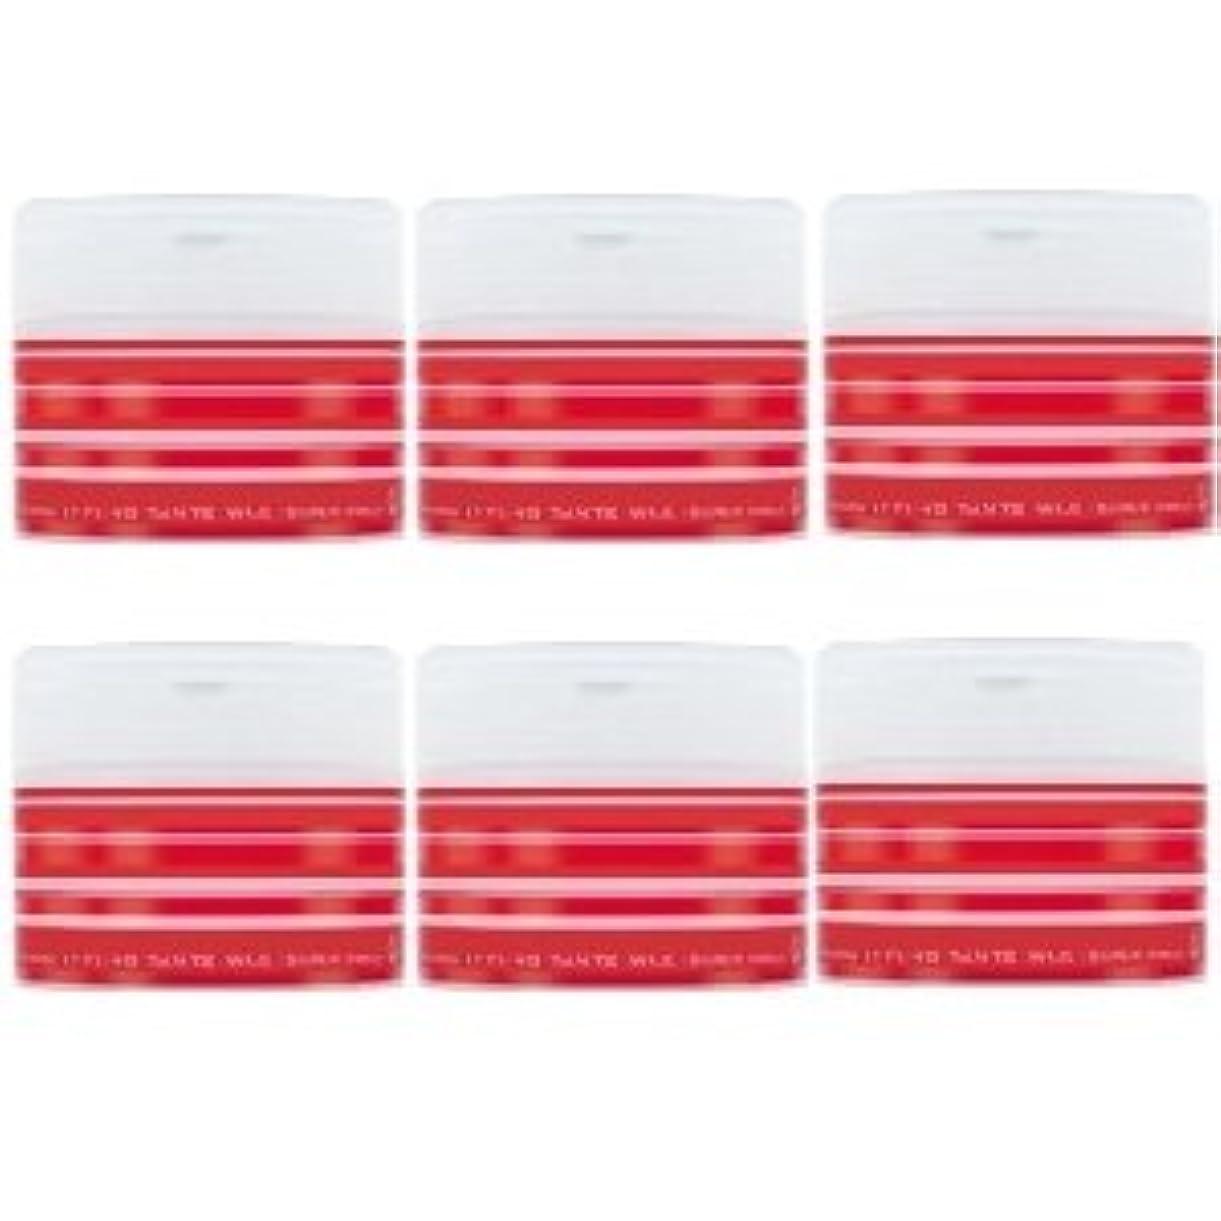 持つ避難拷問ナカノ スタイリング タントN ワックス 5 スーパーハード 90g × 6個セット